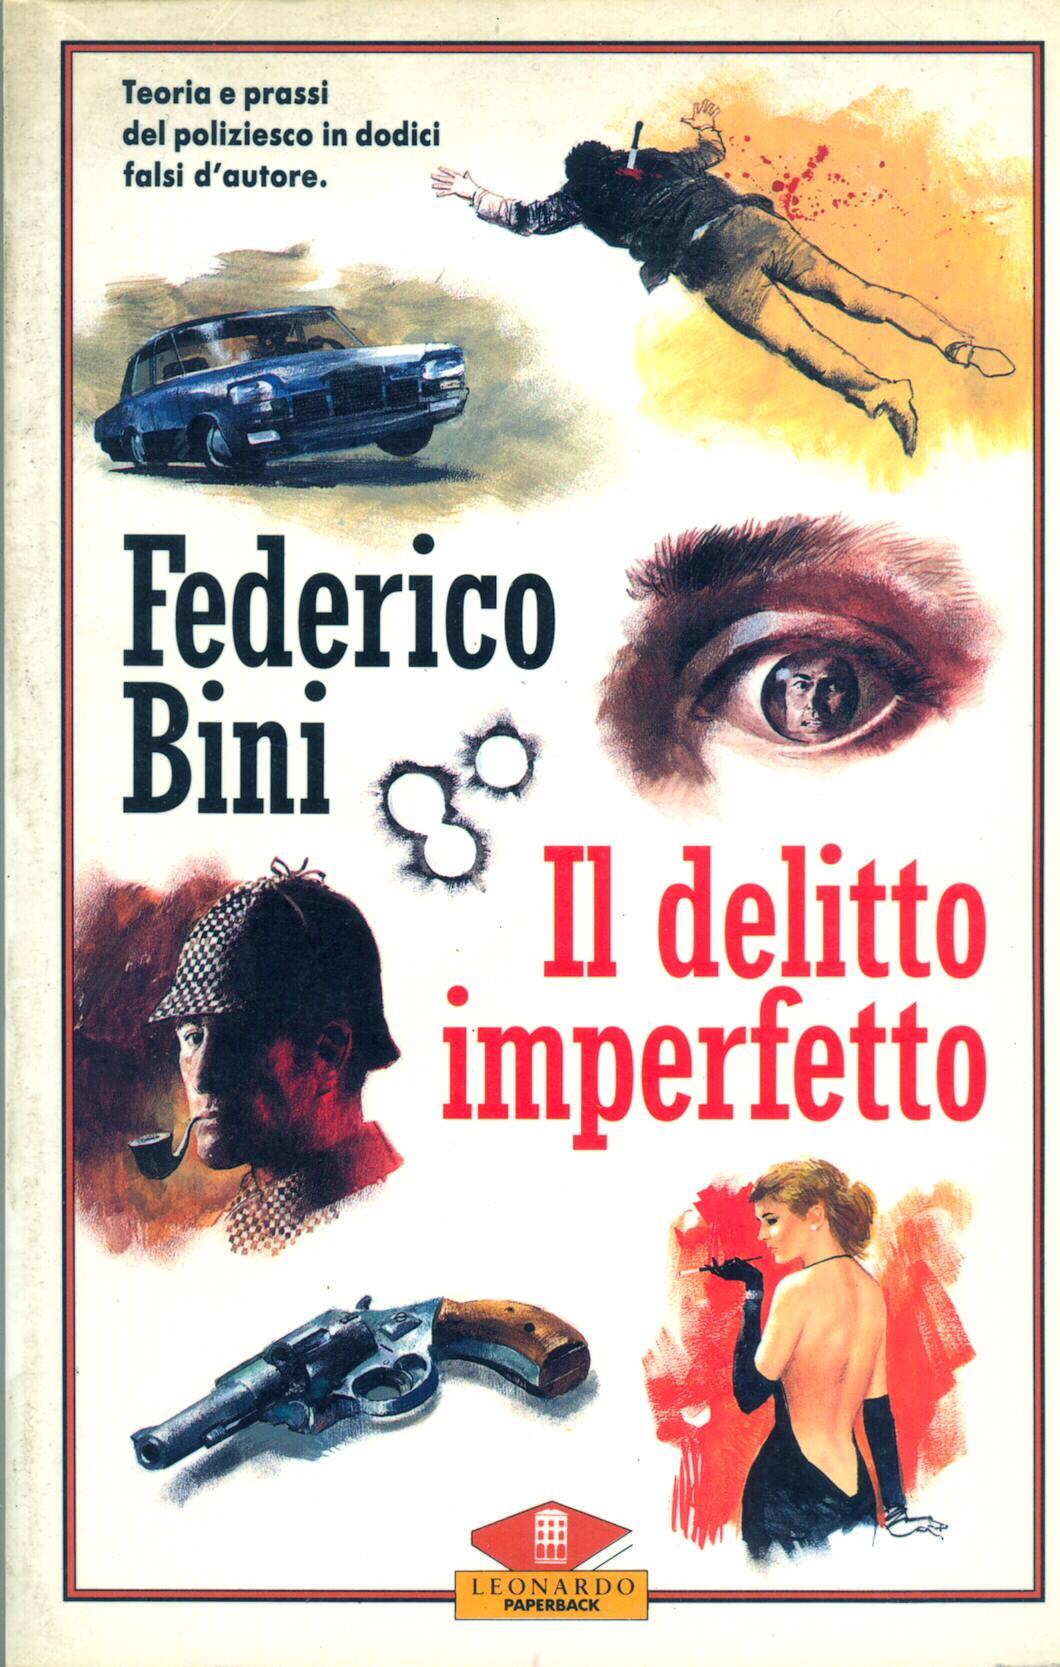 Il delitto imperfetto